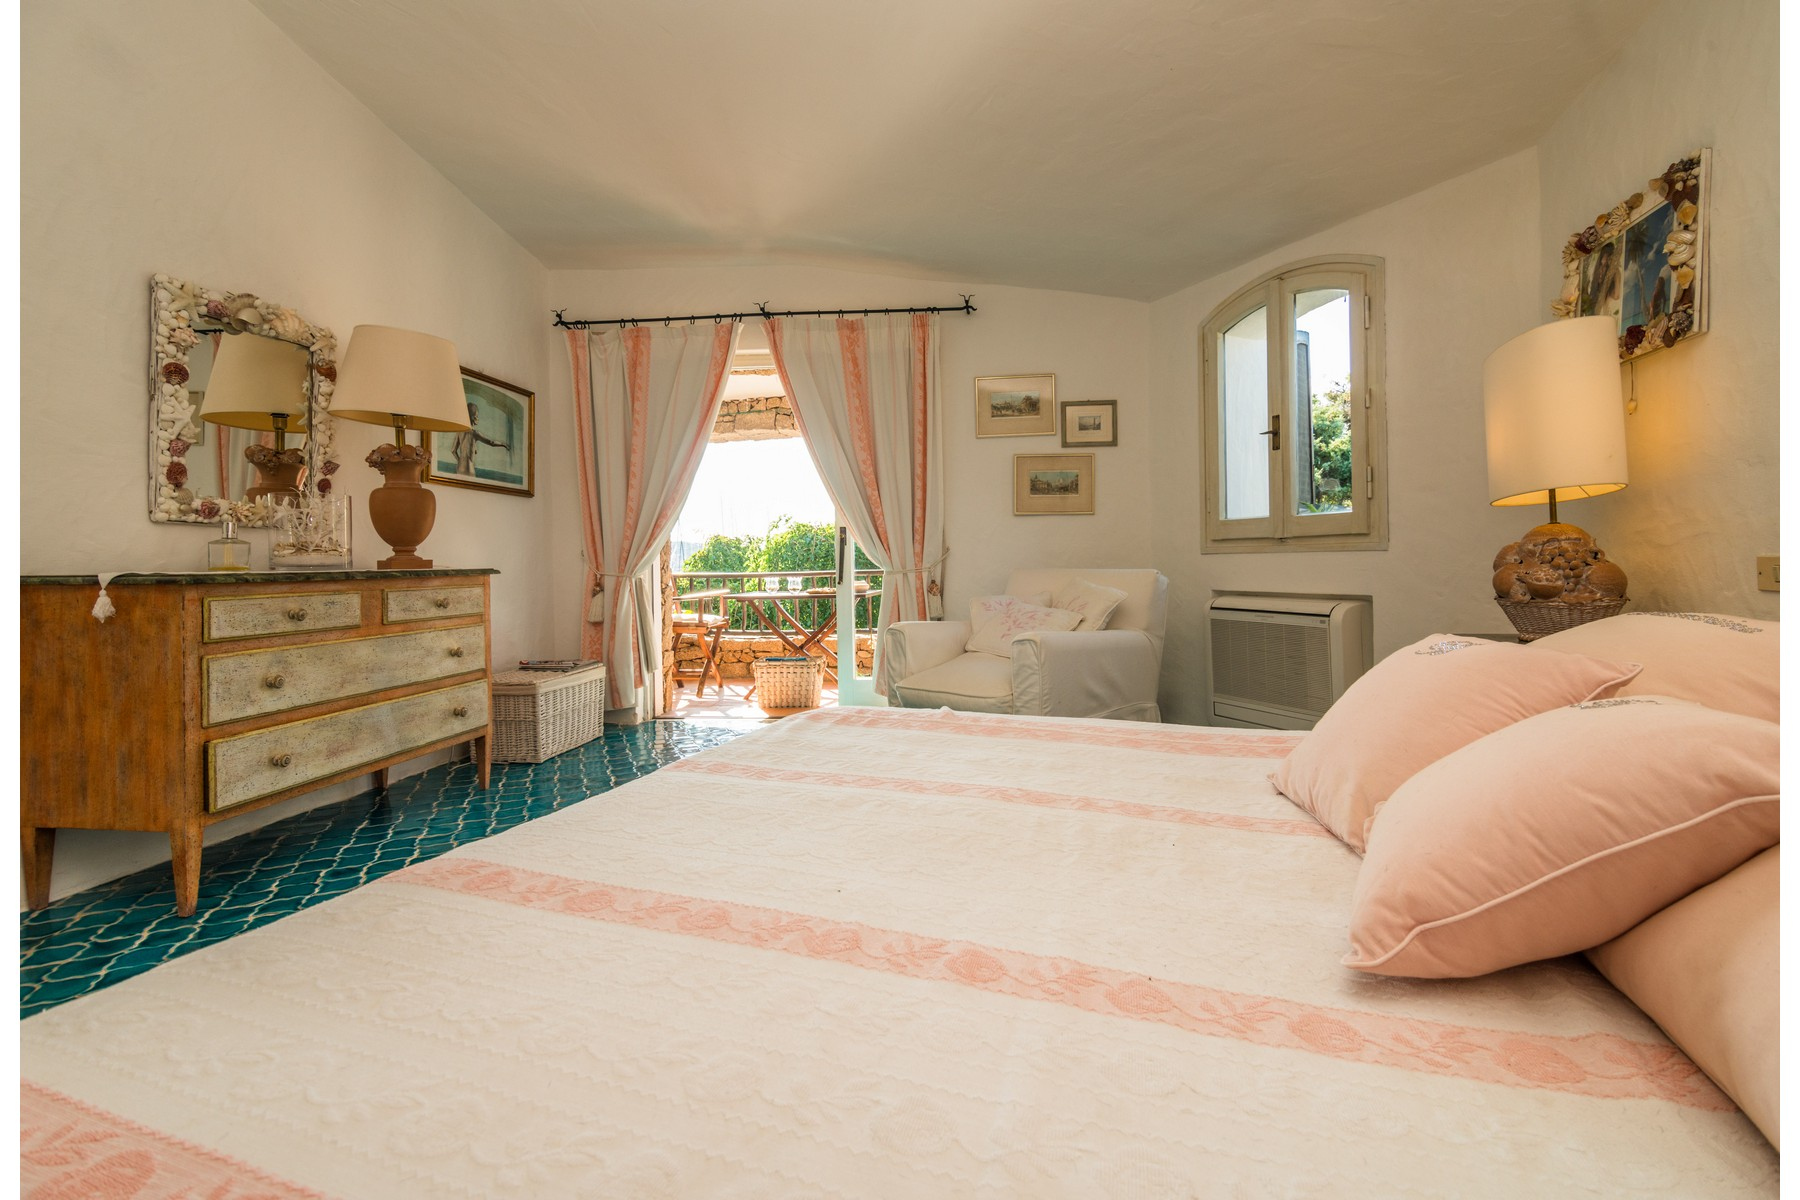 Villa in Vendita a Arzachena: 5 locali, 173 mq - Foto 13